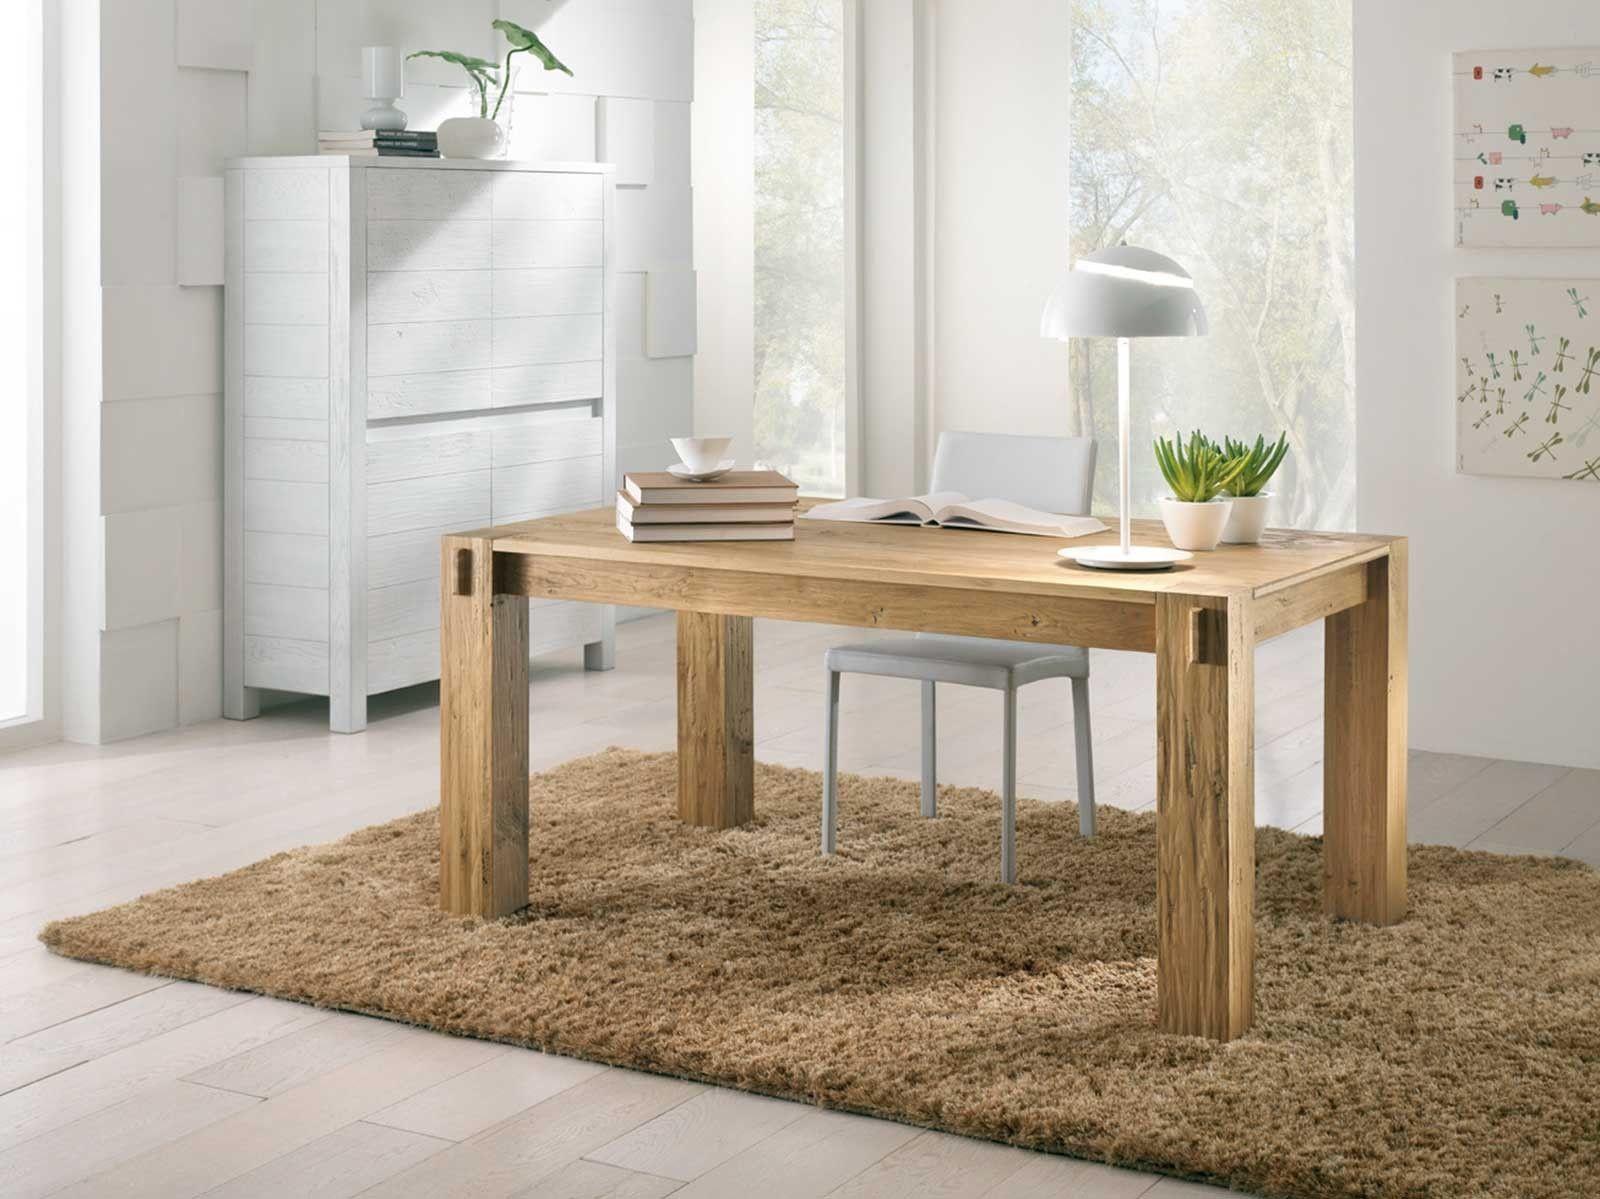 Domus Arte - Tavolo allungabile in legno Storia | Tavoli legno ...